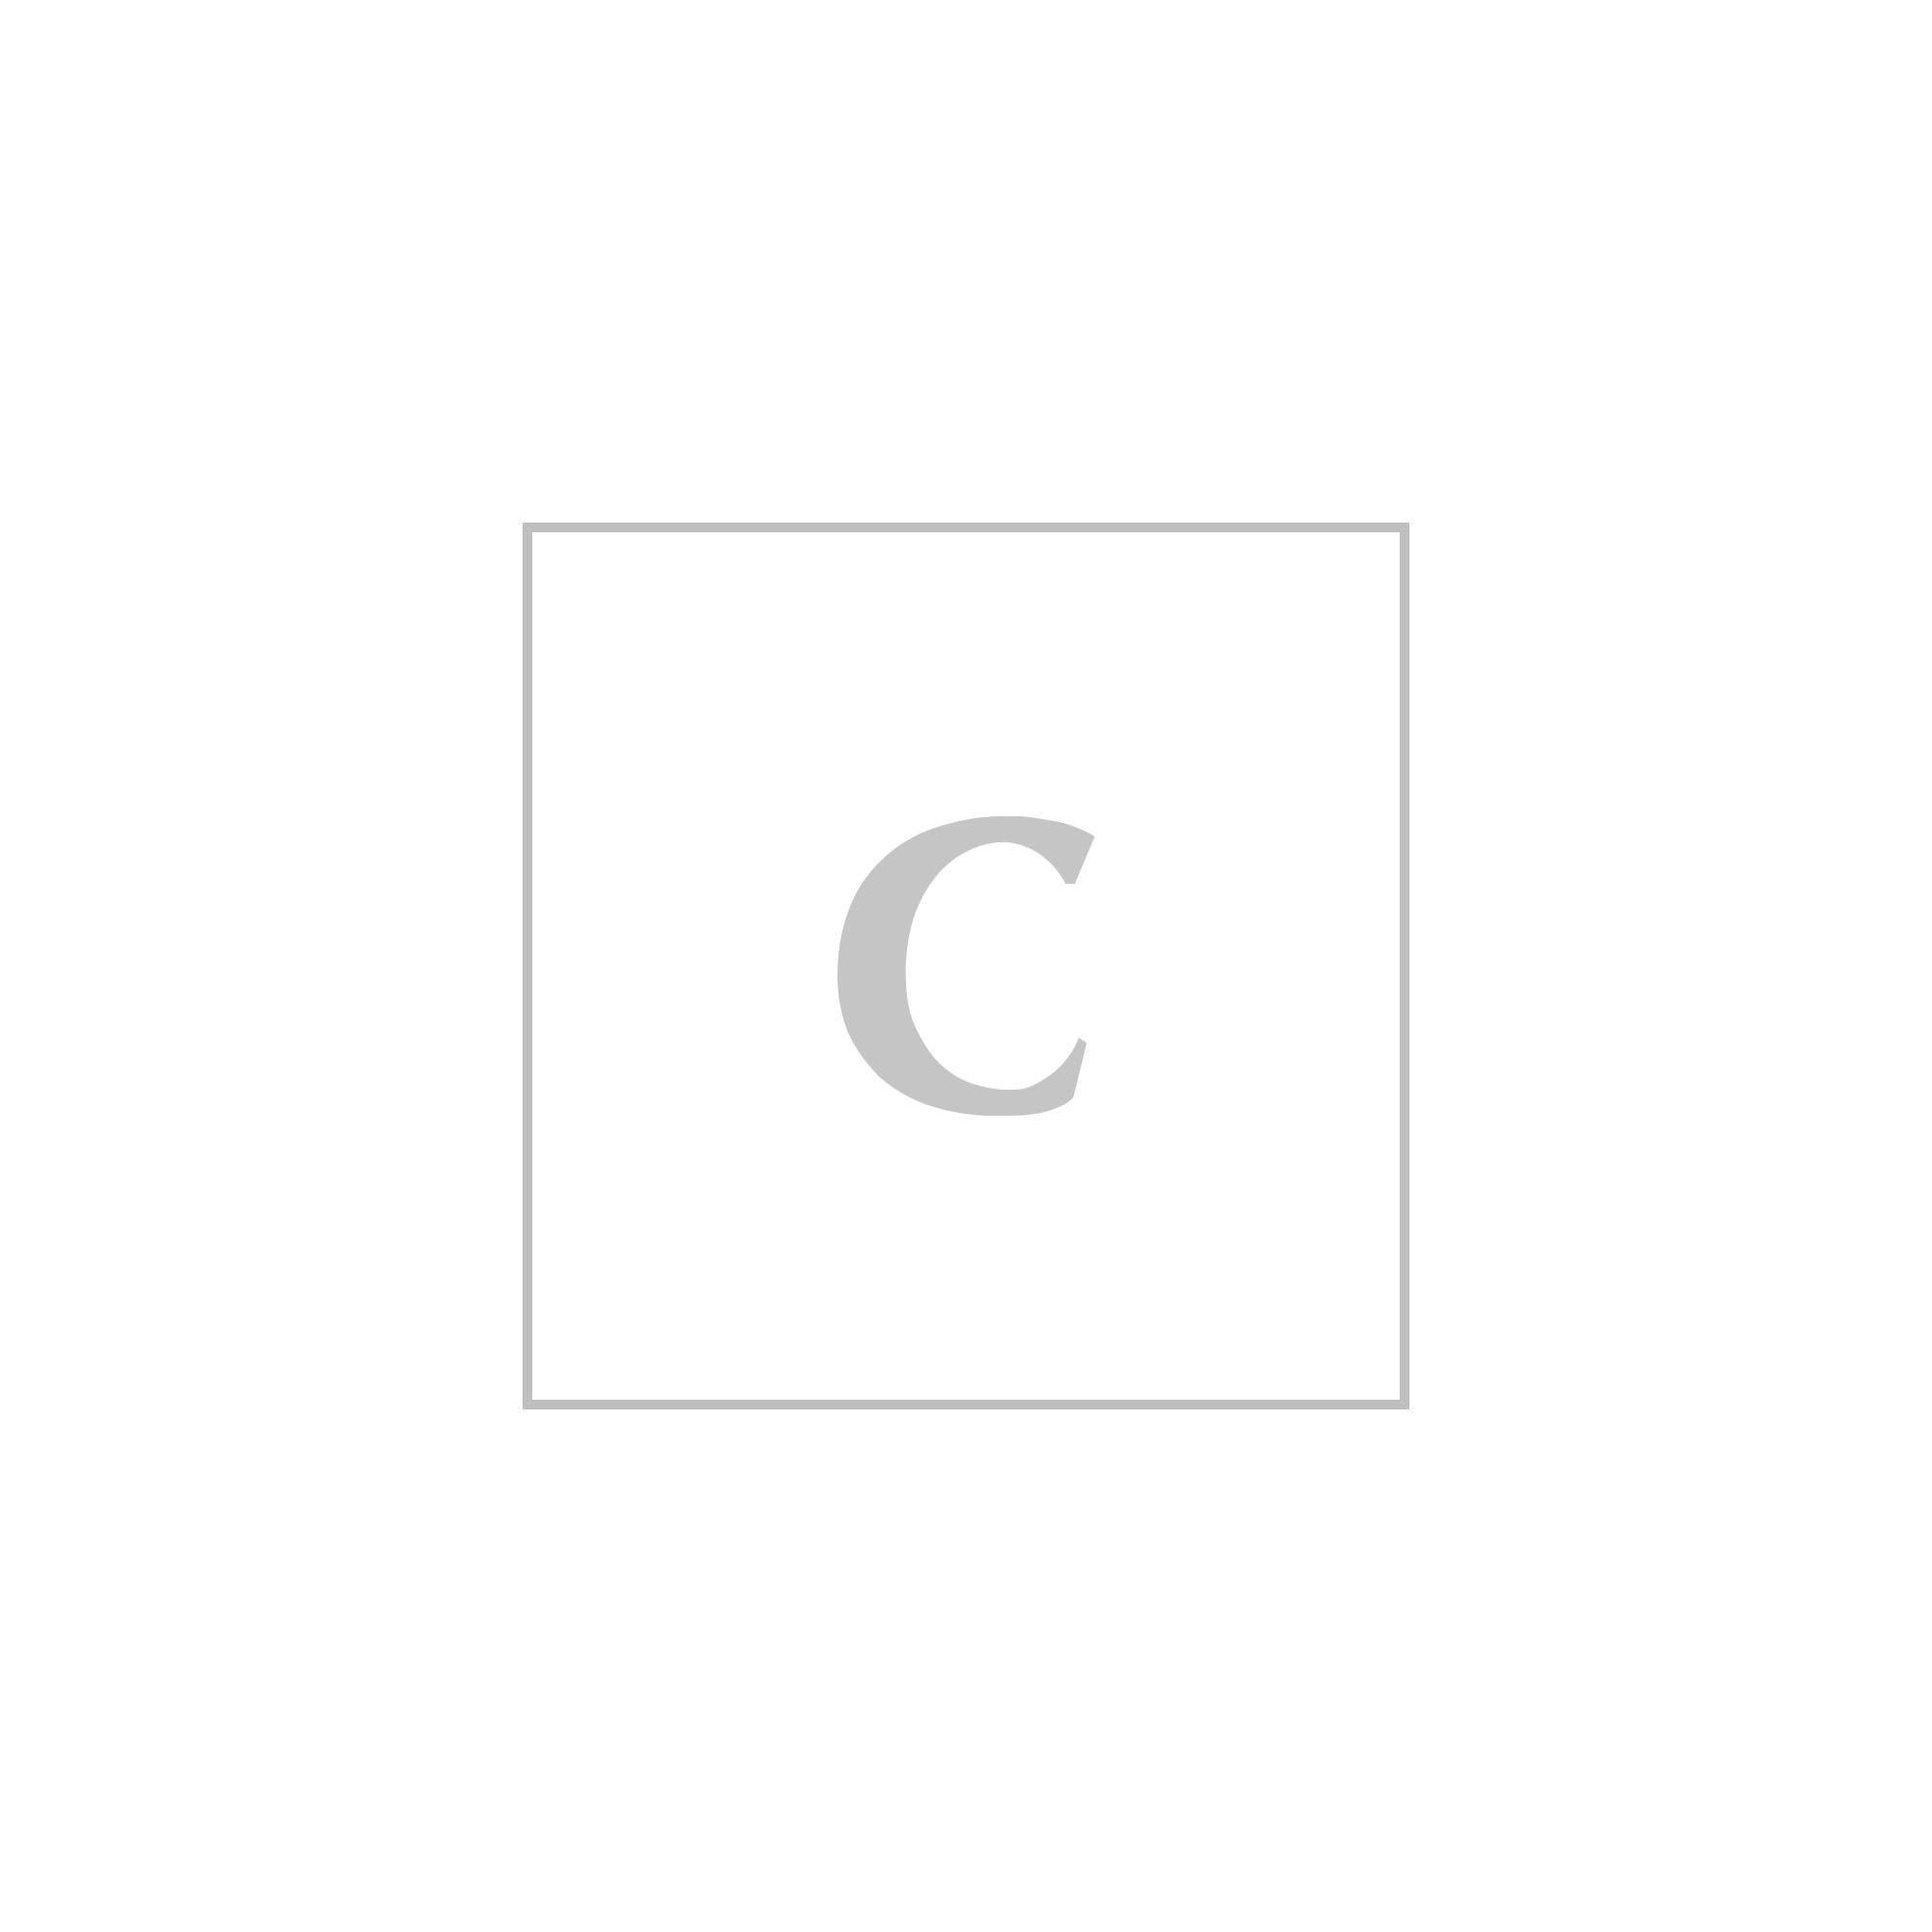 Saint laurent ysl medium monogram satchel